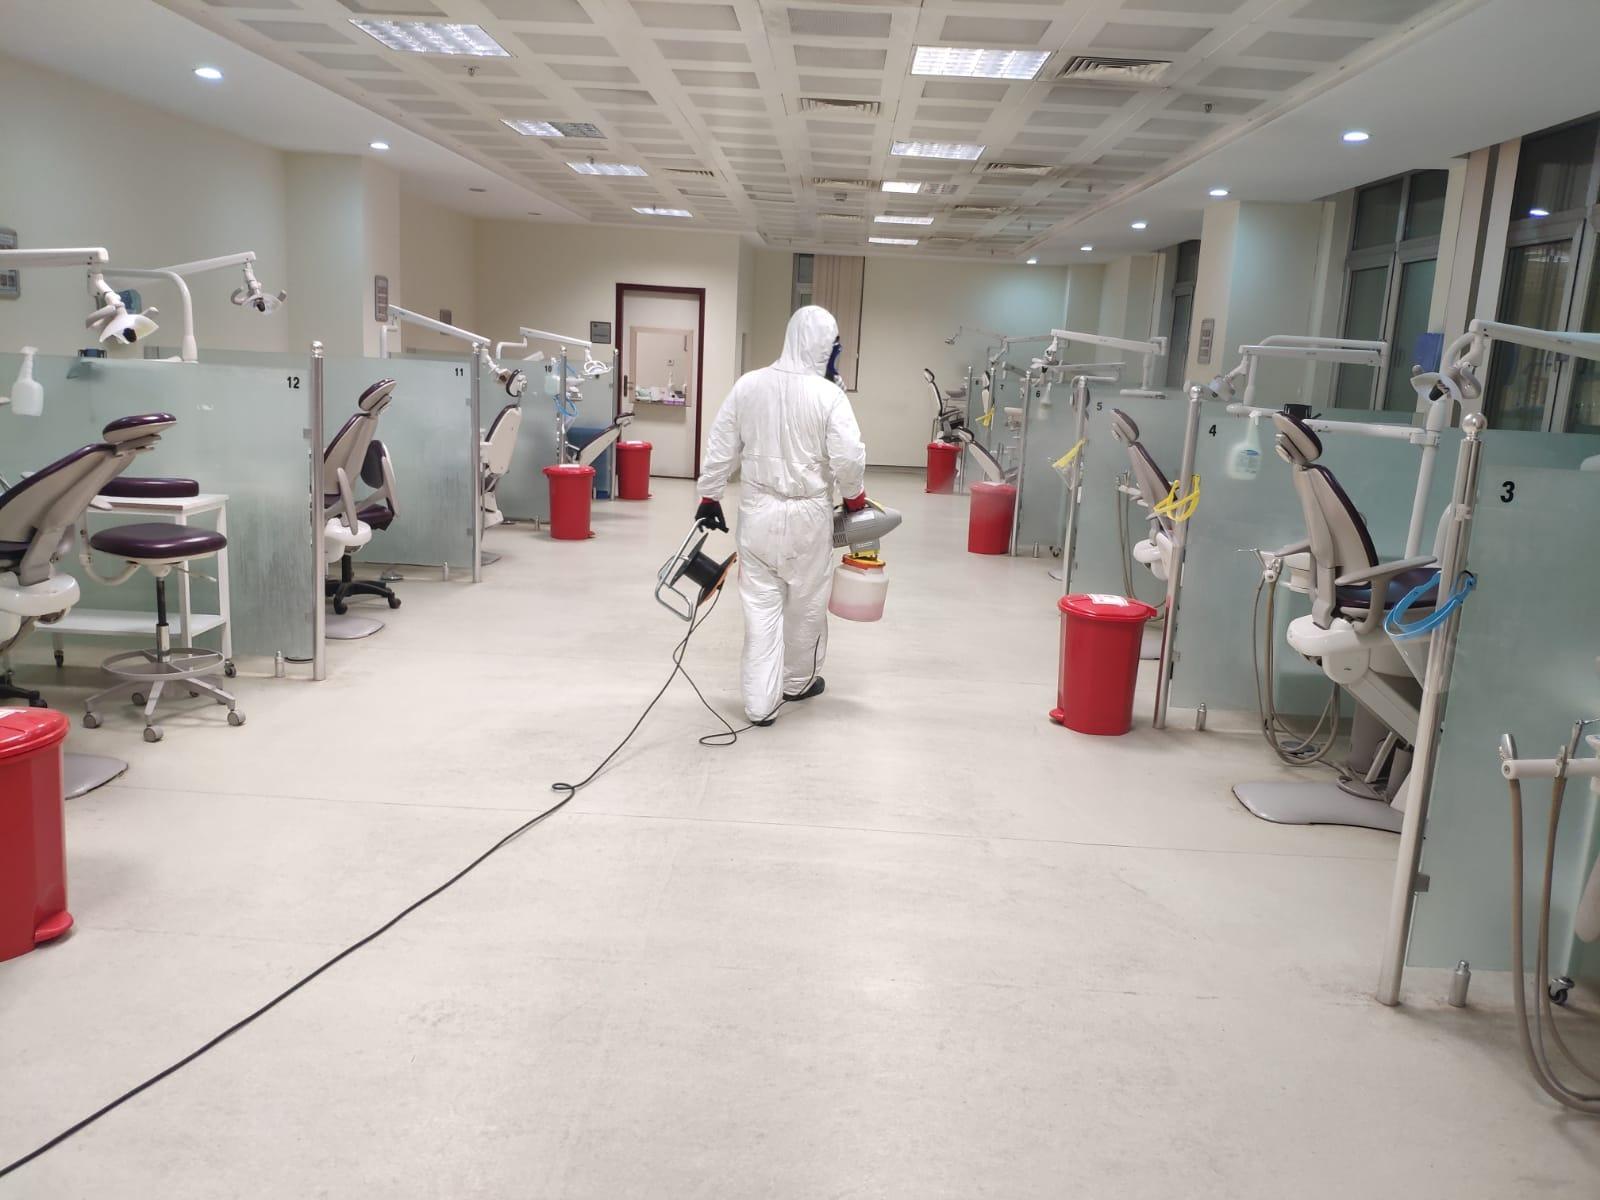 Kalite Belgesi Pandemide Çözüm Olmuyor